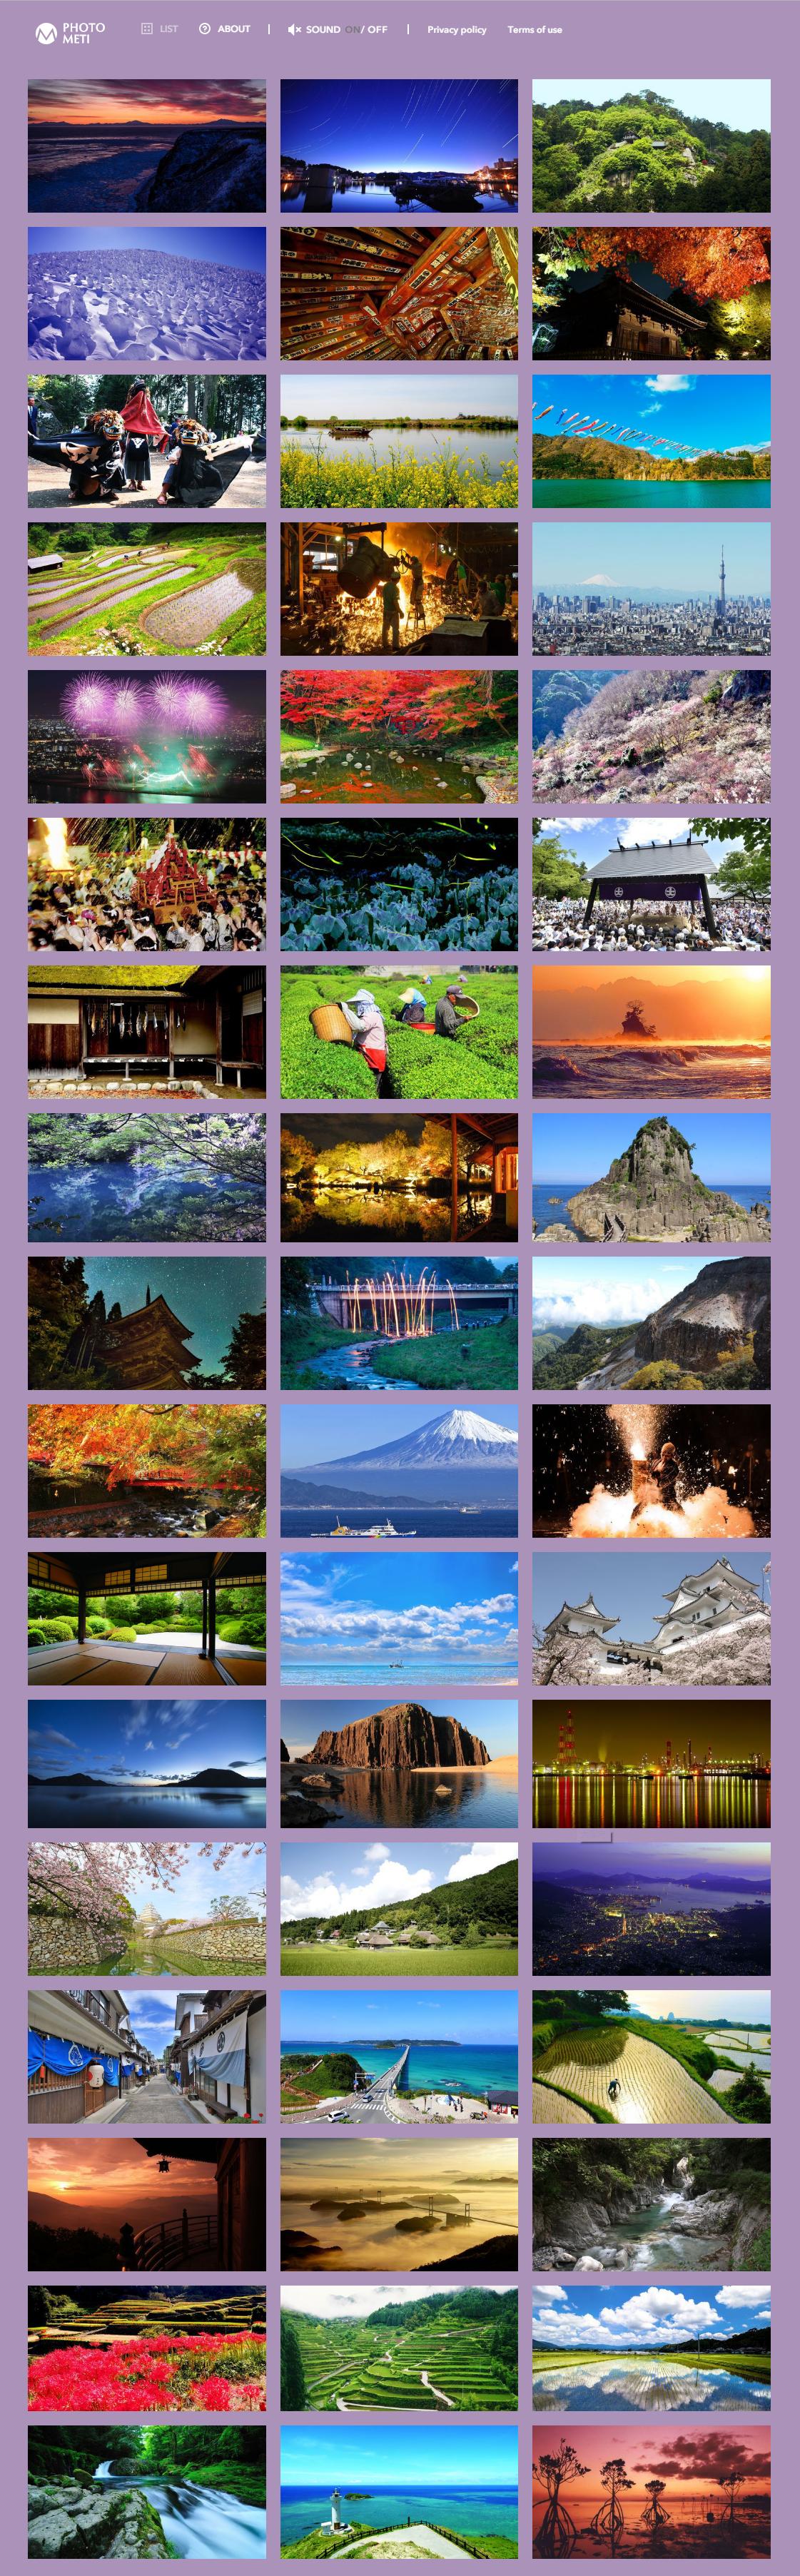 PHOTO METI PROJECT – 経済産業省 ホームページスクリーンショット